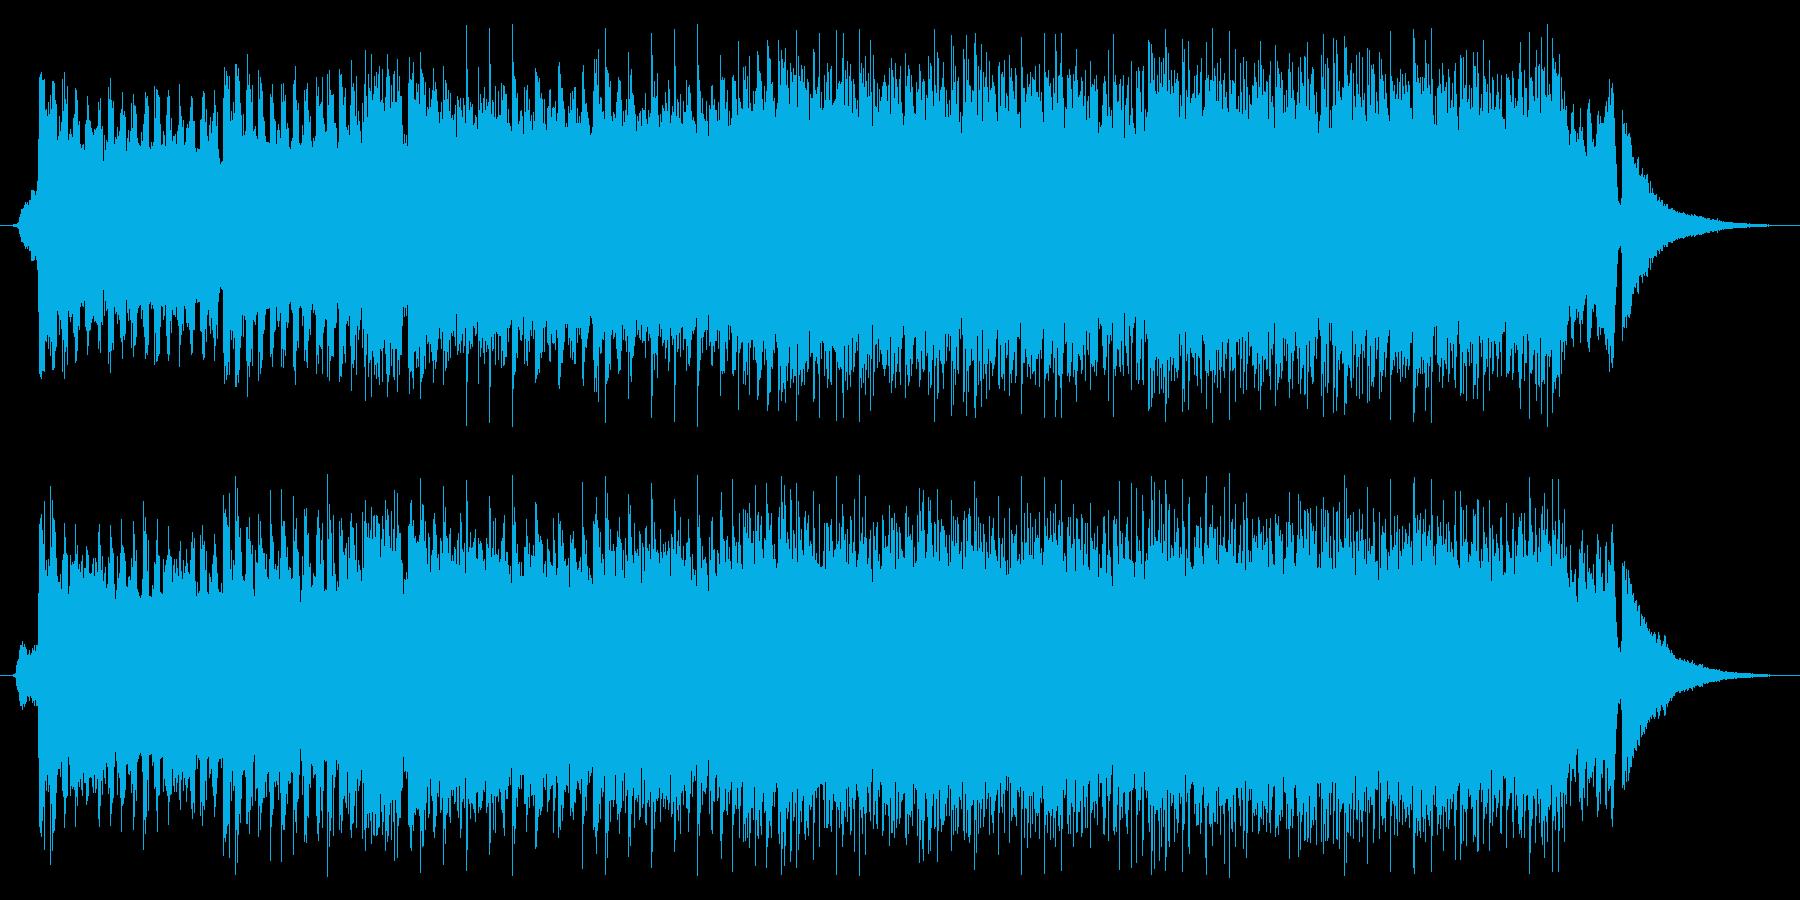 軽快でリズミカルな映像向けポップサウンドの再生済みの波形